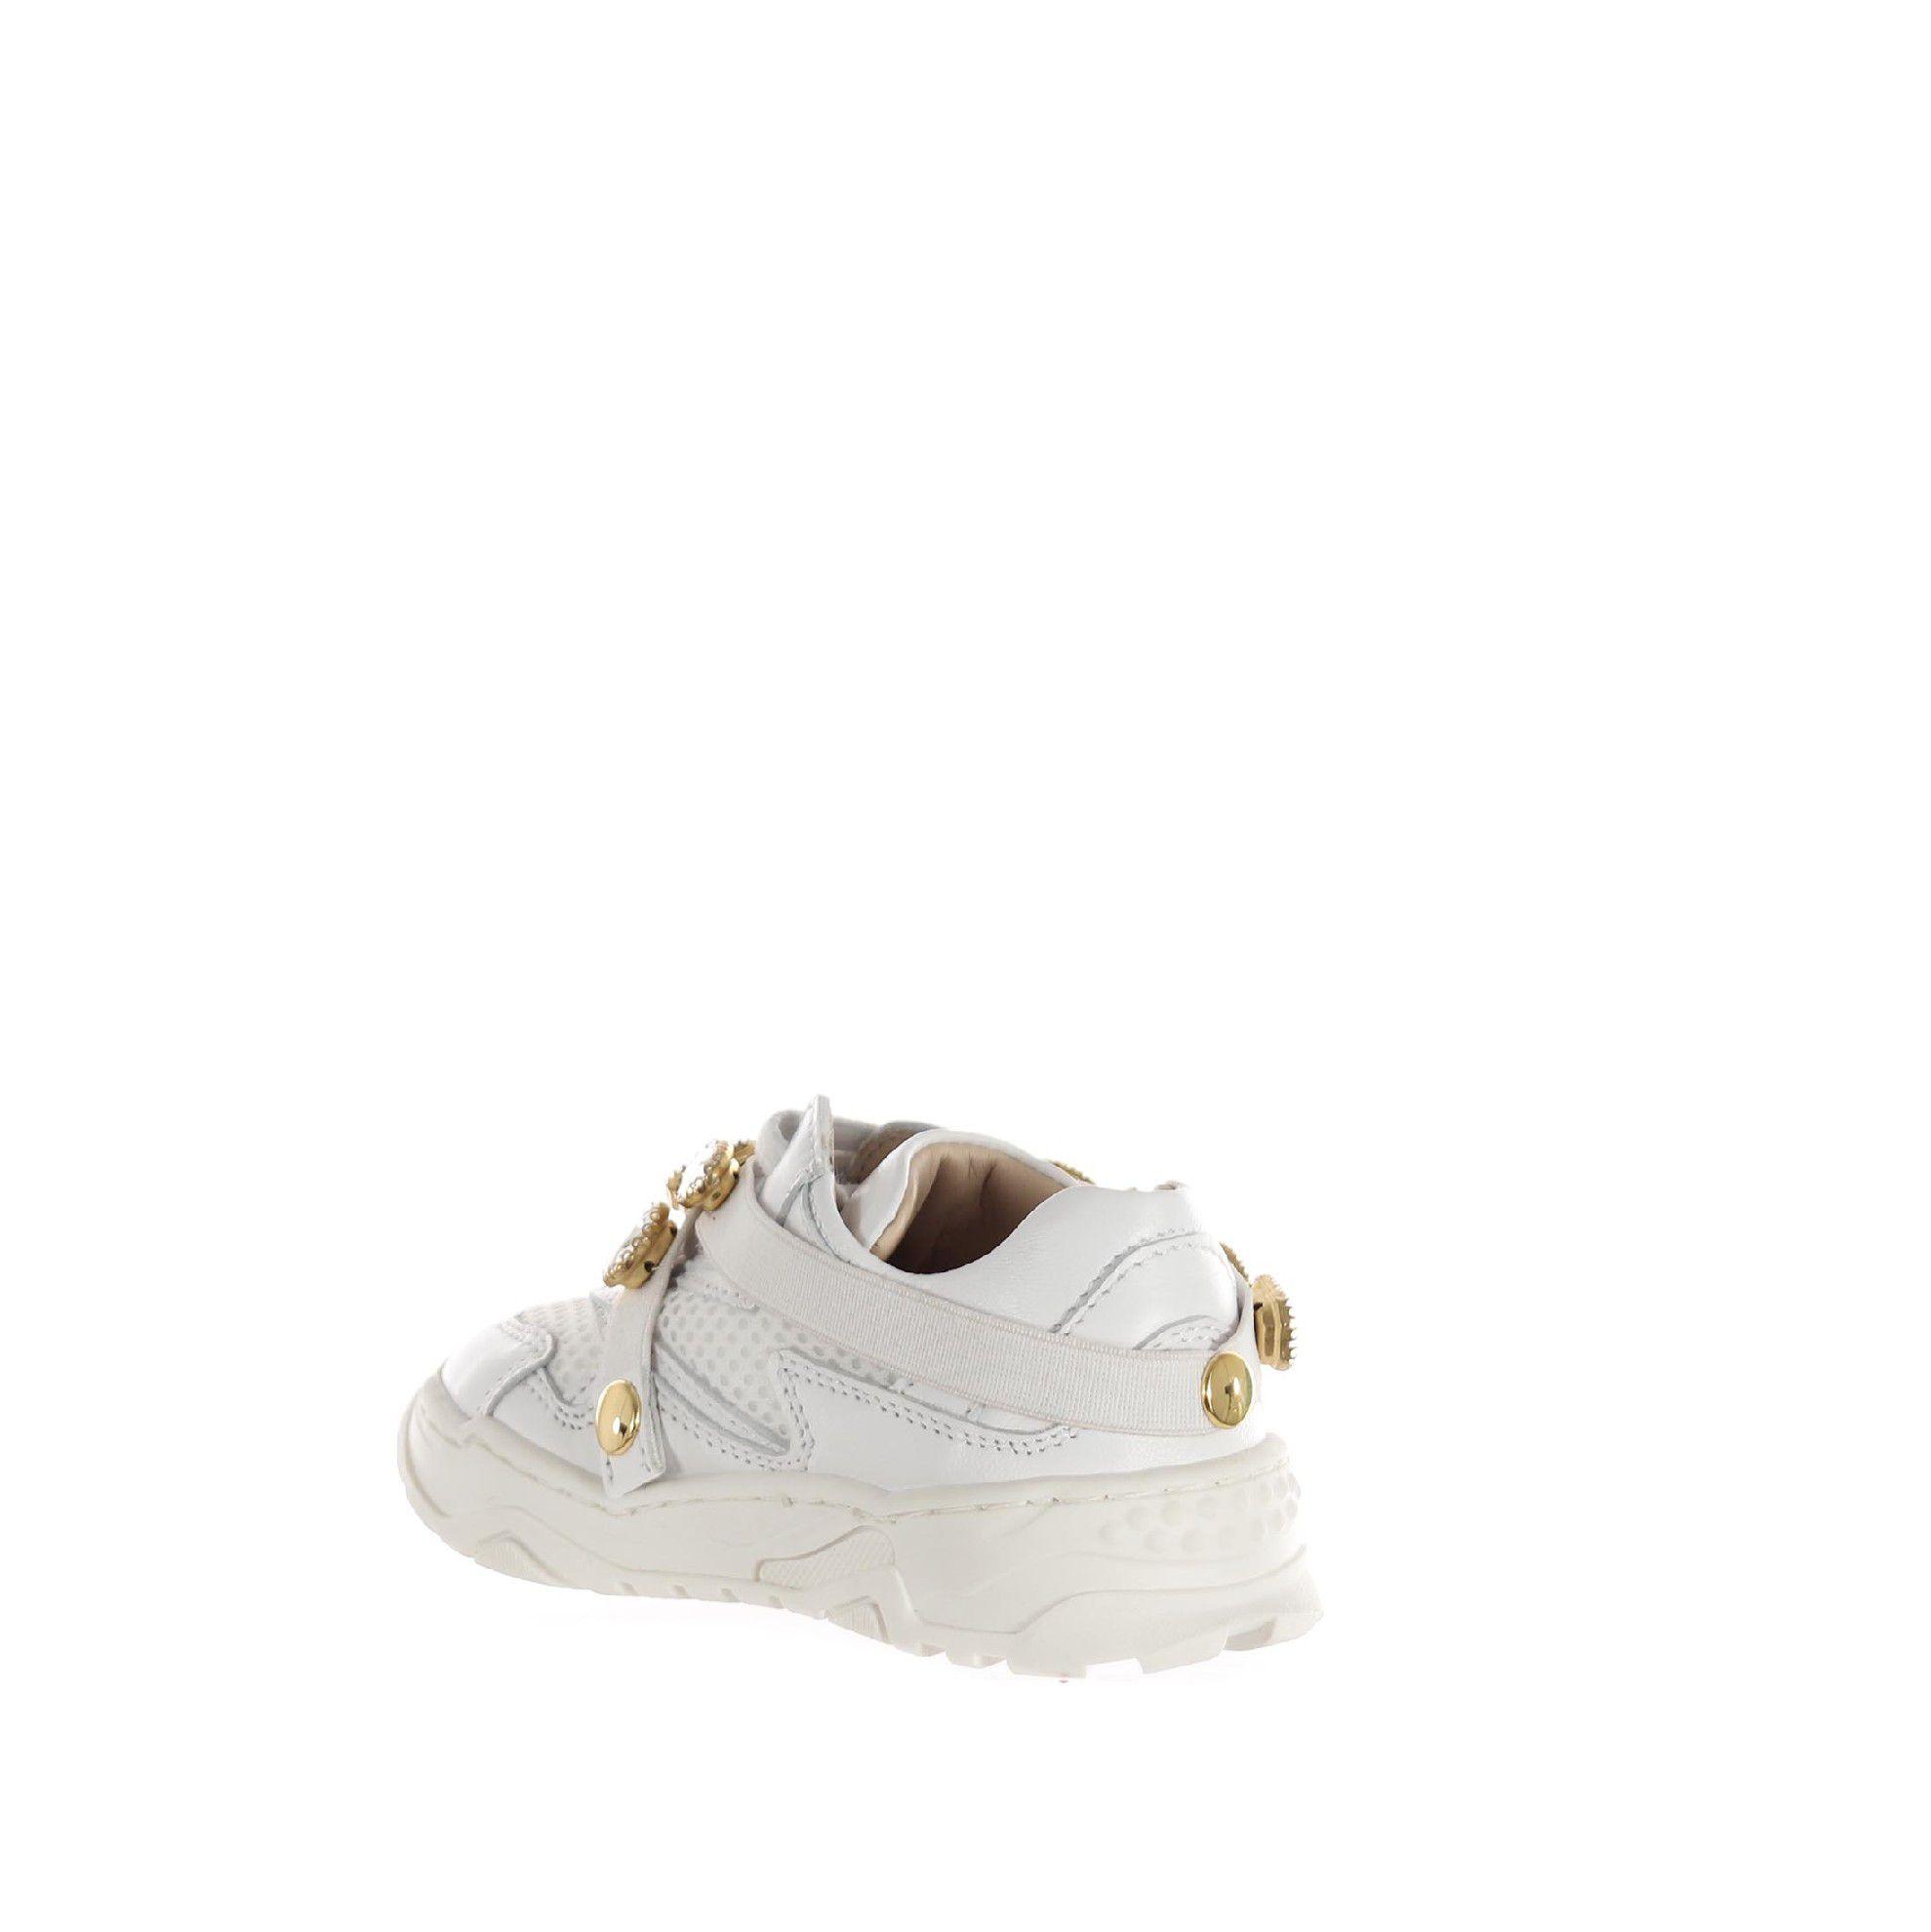 Florens sneaker in pelle e mesh da bambina